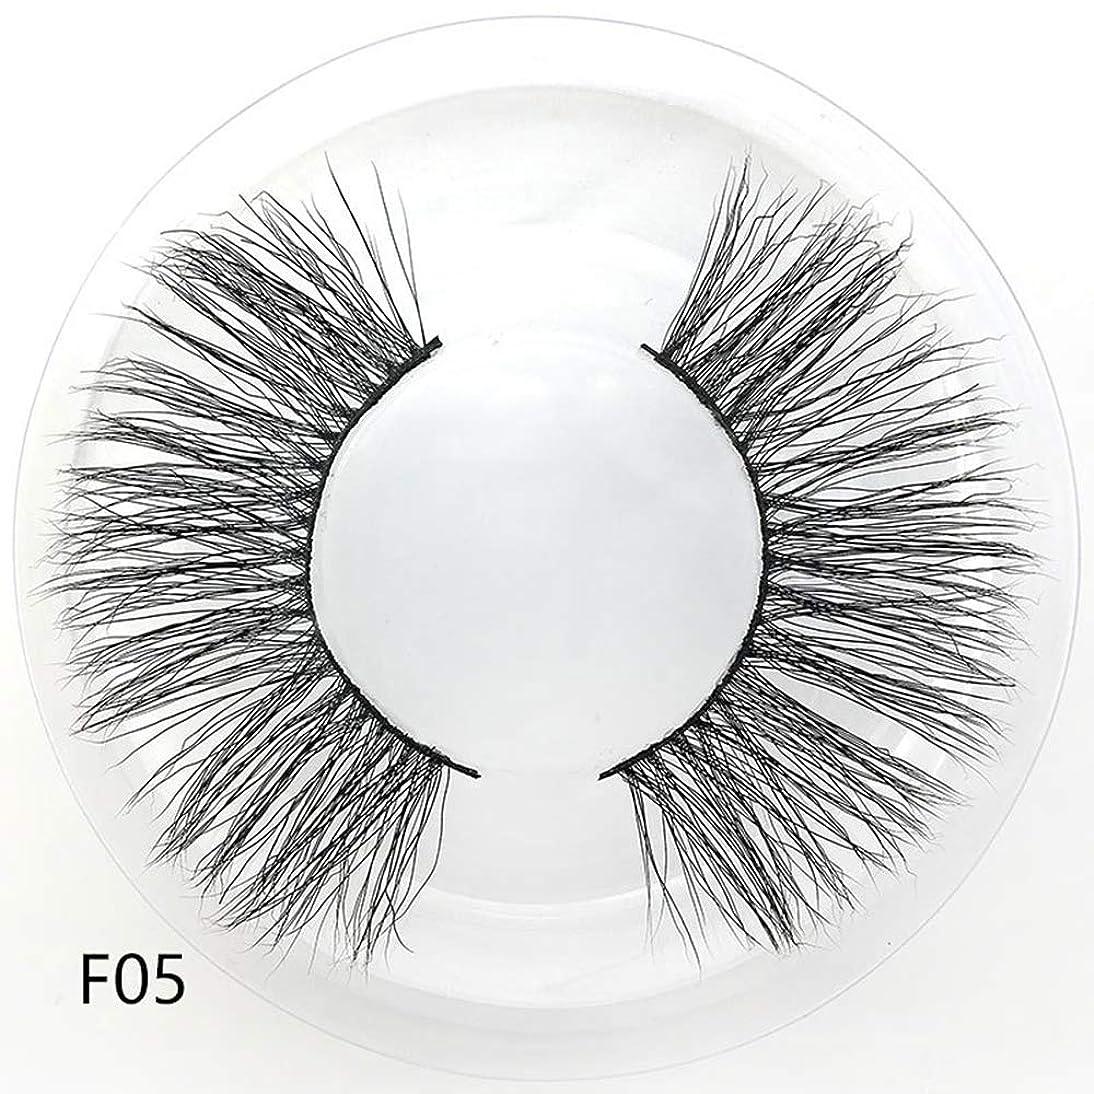 アミューズ放置ギャロップ偽のまつげ3Dのミンクの髪のクリスクロスストランド手作りのワイピーふわふわの長い眉毛の拡張メイクアップツール